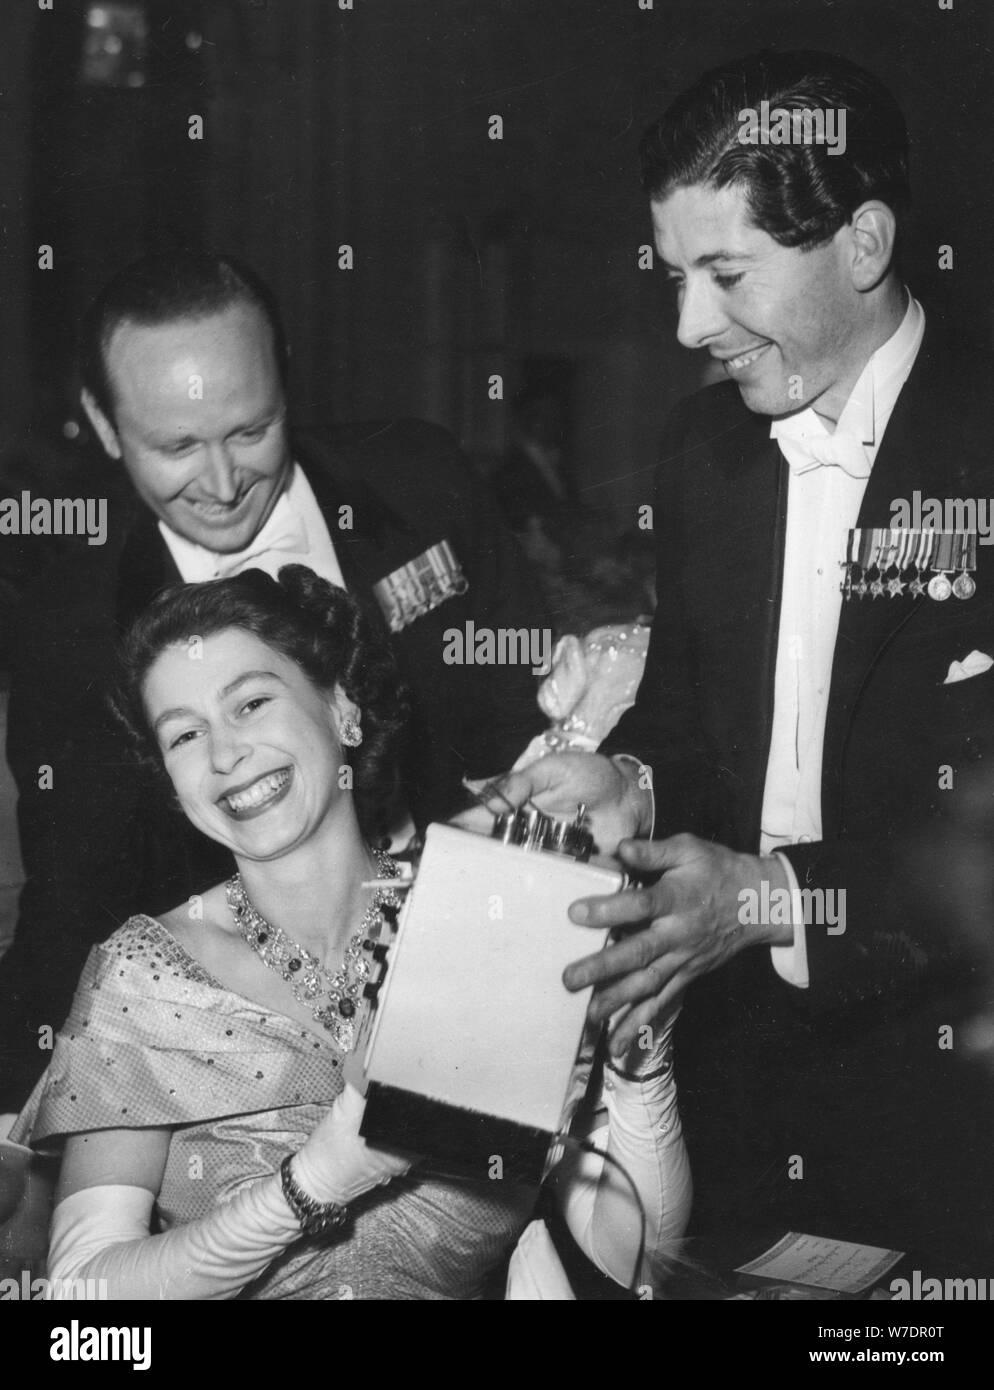 La Principessa Elisabetta riceve un giocattolo stufa per Principe Charlesat il fiore palla, Savoy Hotel, 1951. Artista: sconosciuto Foto Stock